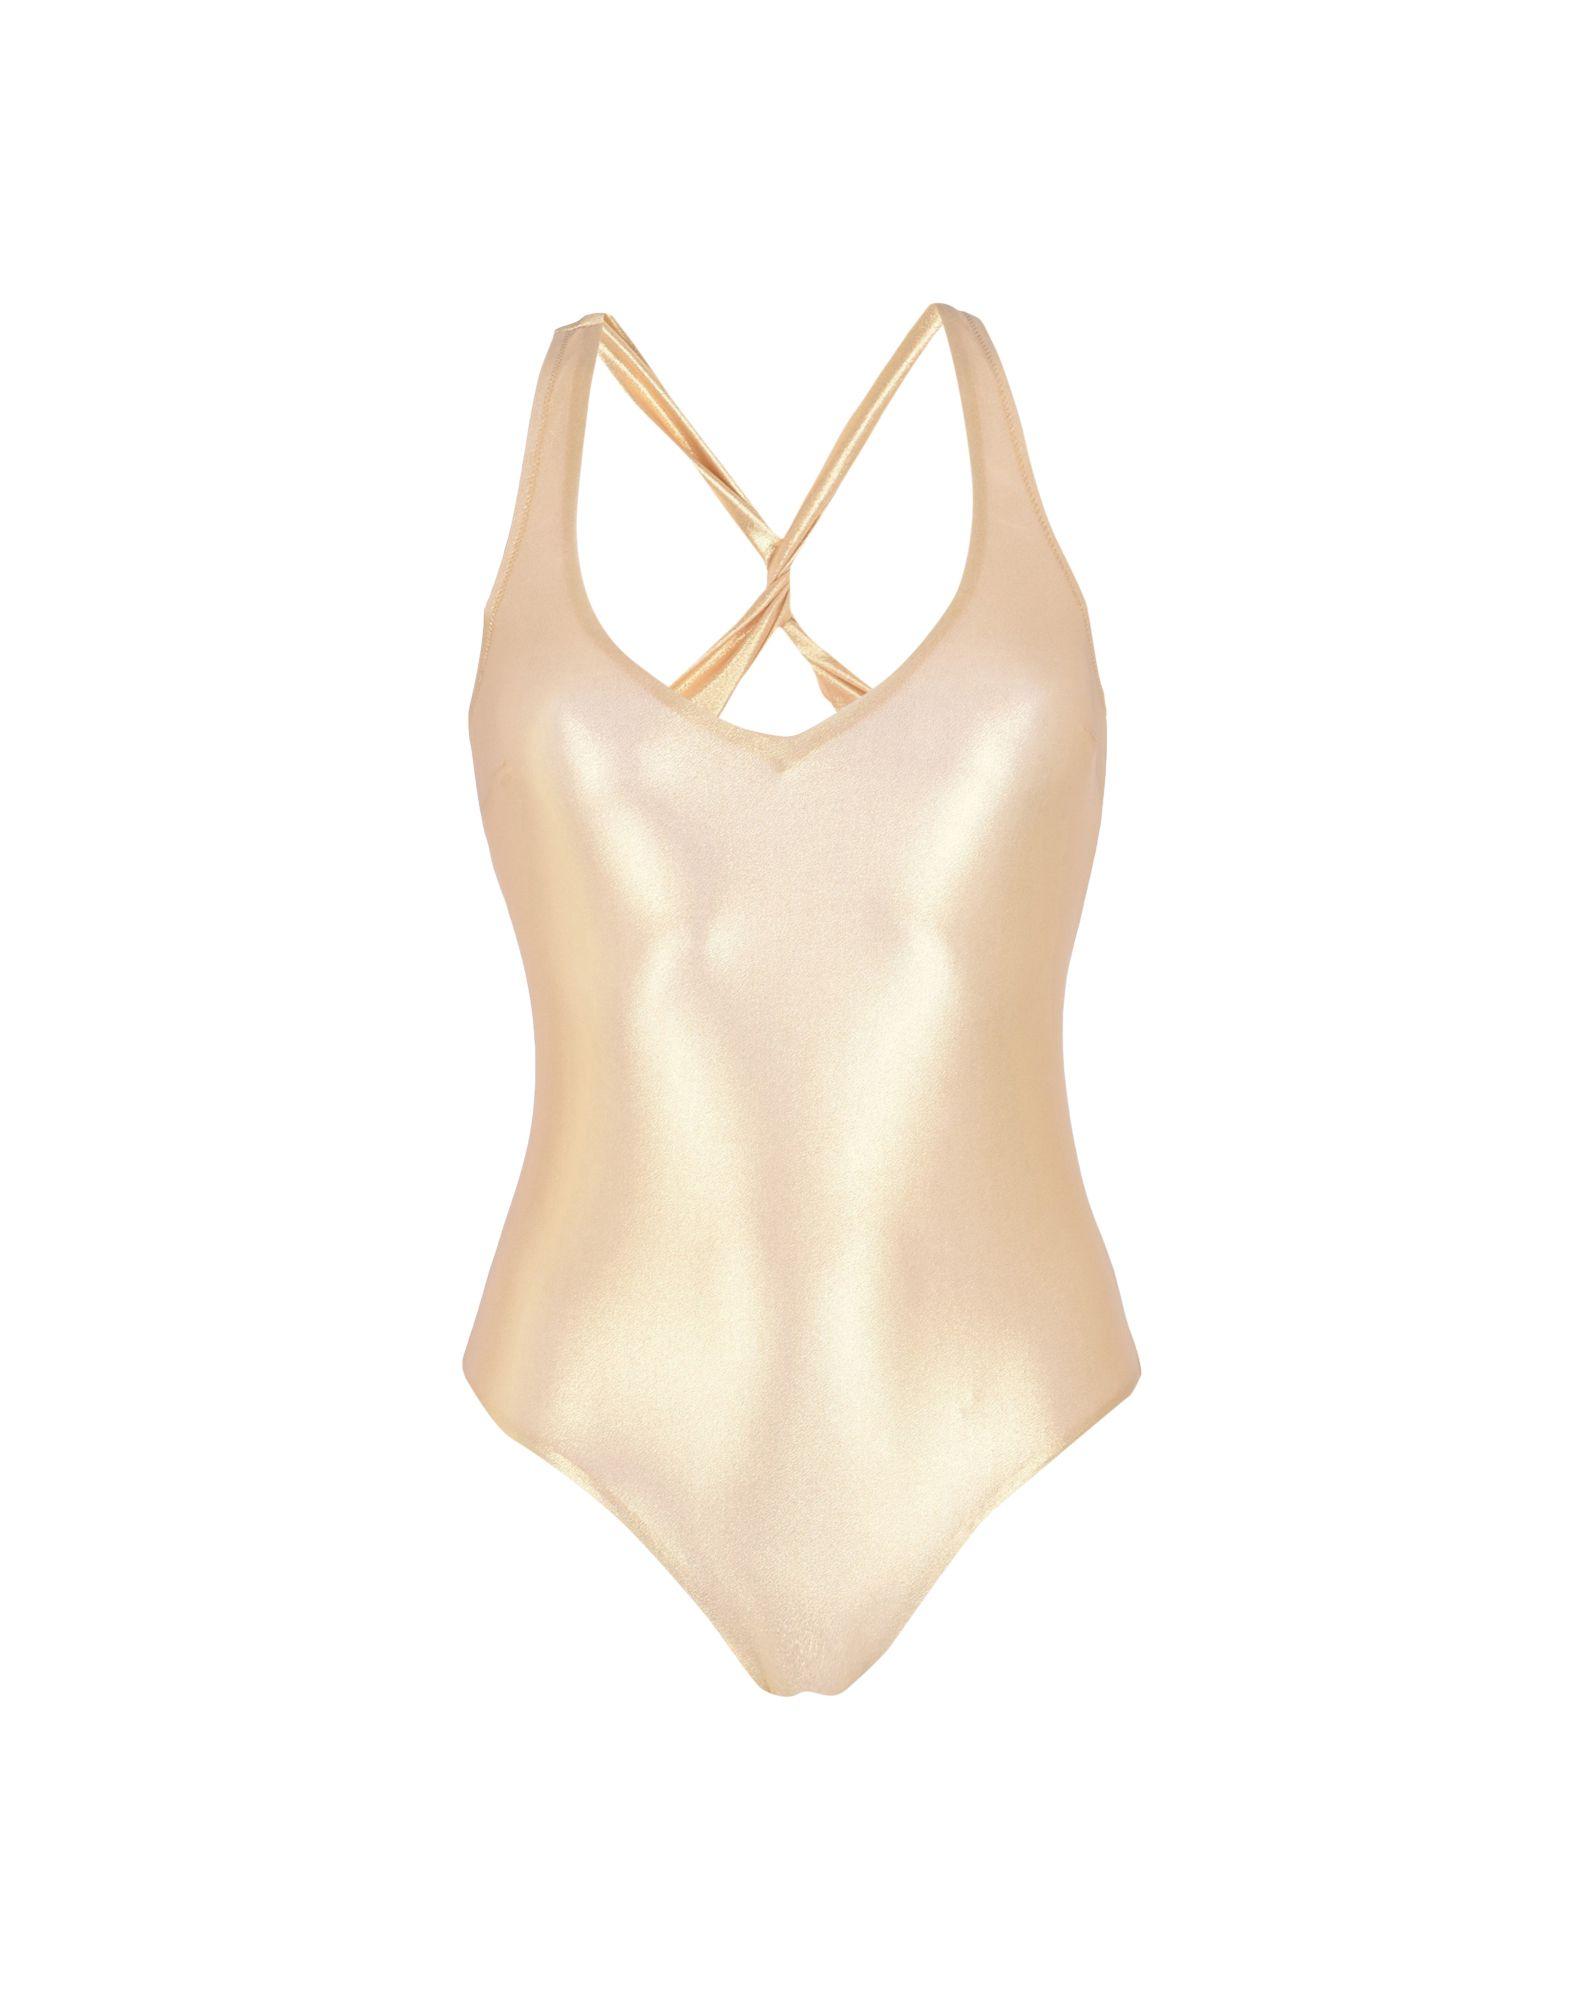 GEORGE J. LOVE Damen Badeanzug Farbe Gold Größe 4